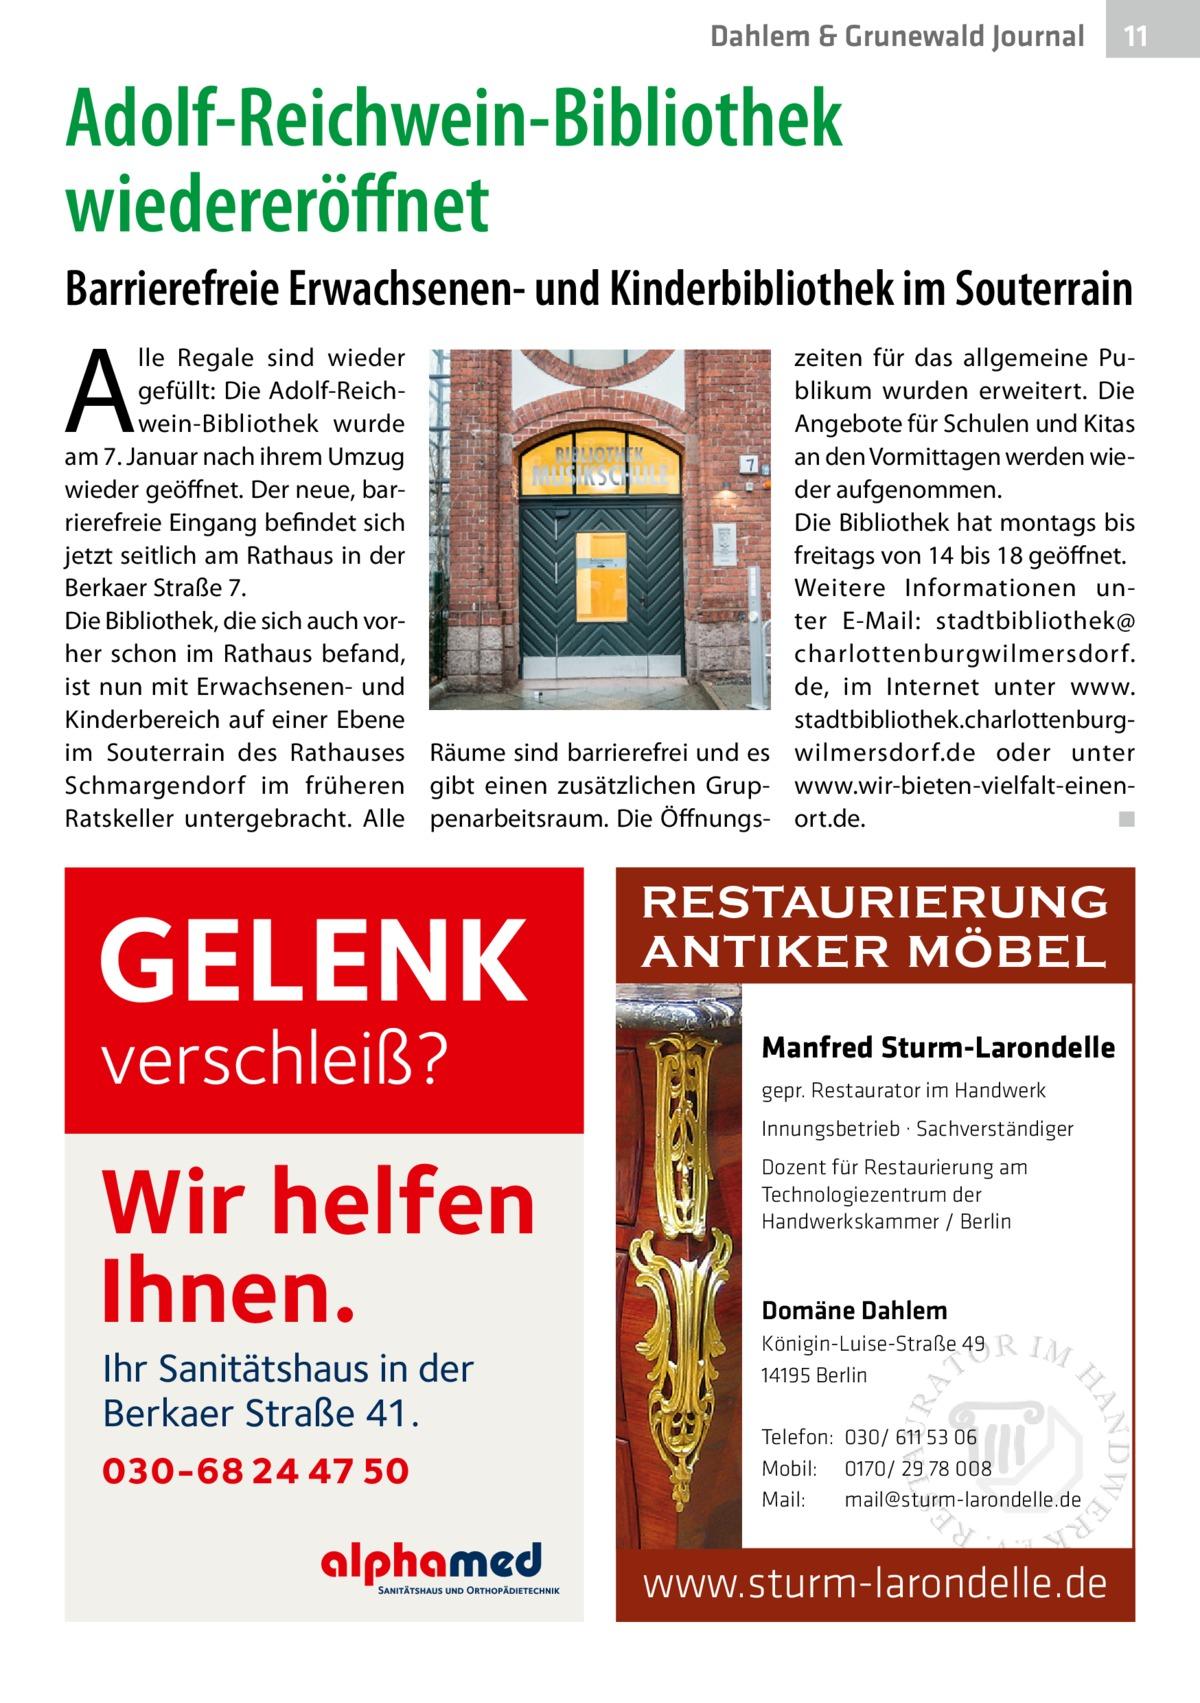 Dahlem & Grunewald Journal  11 11  Adolf-Reichwein-Bibliothek wiedereröffnet Barrierefreie Erwachsenen- und Kinderbibliothek im Souterrain  A  lle Regale sind wieder gefüllt: Die Adolf-Reichwein-Bibliothek wurde am 7.Januar nach ihrem Umzug wieder geöffnet. Der neue, barrierefreie Eingang befindet sich jetzt seitlich am Rathaus in der Berkaer Straße7. Die Bibliothek, die sich auch vorher schon im Rathaus befand, ist nun mit Erwachsenen- und Kinderbereich auf einer Ebene im Souterrain des Rathauses Räume sind barrierefrei und es Schmargendorf im früheren gibt einen zusätzlichen GrupRatskeller untergebracht. Alle penarbeitsraum. Die Öffnungs GELENK verschleiß?  zeiten für das allgemeine Publikum wurden erweitert. Die Angebote für Schulen und Kitas an den Vormittagen werden wieder aufgenommen. Die Bibliothek hat montags bis freitags von 14 bis 18 geöffnet. Weitere Informationen unter E-Mail: stadtbibliothek@ charlottenburgwilmersdorf. de, im Internet unter www. stadtbibliothek.charlottenburgwilmersdorf.de oder unter www.wir-bieten-vielfalt-einenort.de. � ◾  RESTAURIERUNG ANTIKER MÖBEL Manfred Sturm-Larondelle gepr. Restaurator im Handwerk Innungsbetrieb · Sachverständiger  Wir helfen Ihnen. Ihr Sanitätshaus in der Berkaer Straße 41.  030-68 24 47 50  Dozent für Restaurierung am Technologiezentrum der Handwerkskammer / Berlin  Domäne Dahlem Königin-Luise-Straße 49 14195 Berlin Telefon: 030/ 611 53 06 Mobil: 0170/ 29 78 008 Mail: mail@sturm-larondelle.de  www.sturm-larondelle.de